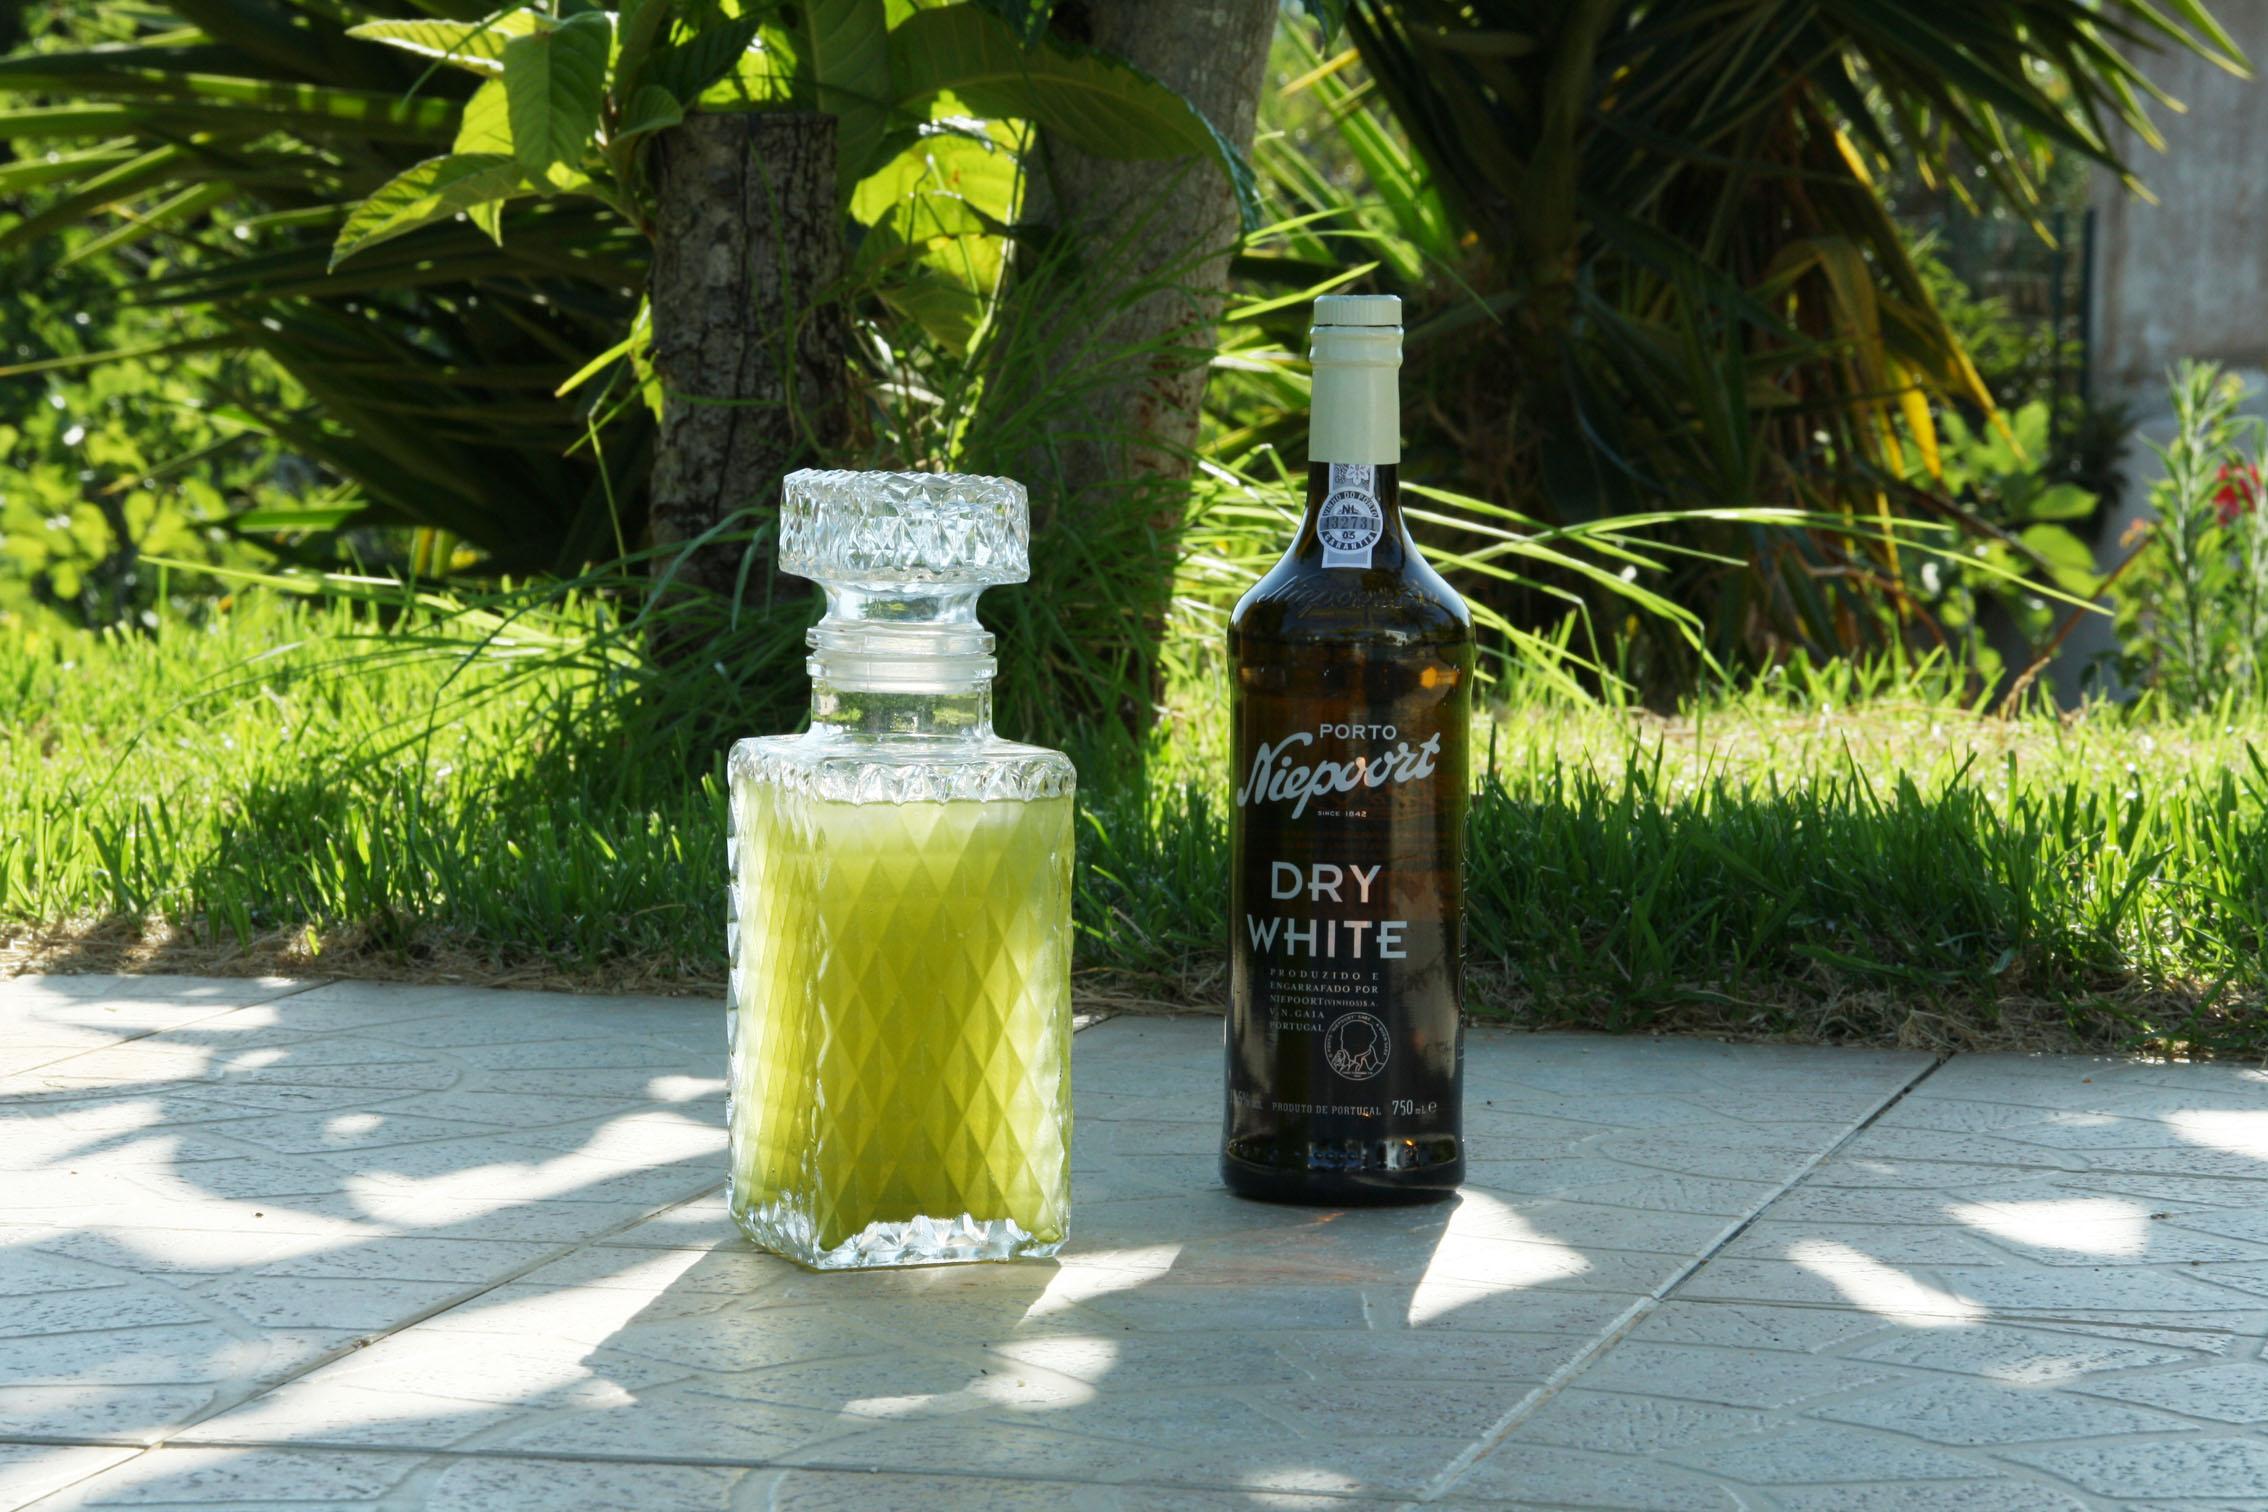 Mizudashi Cocktail mit Dry White Portwein von Niepoort